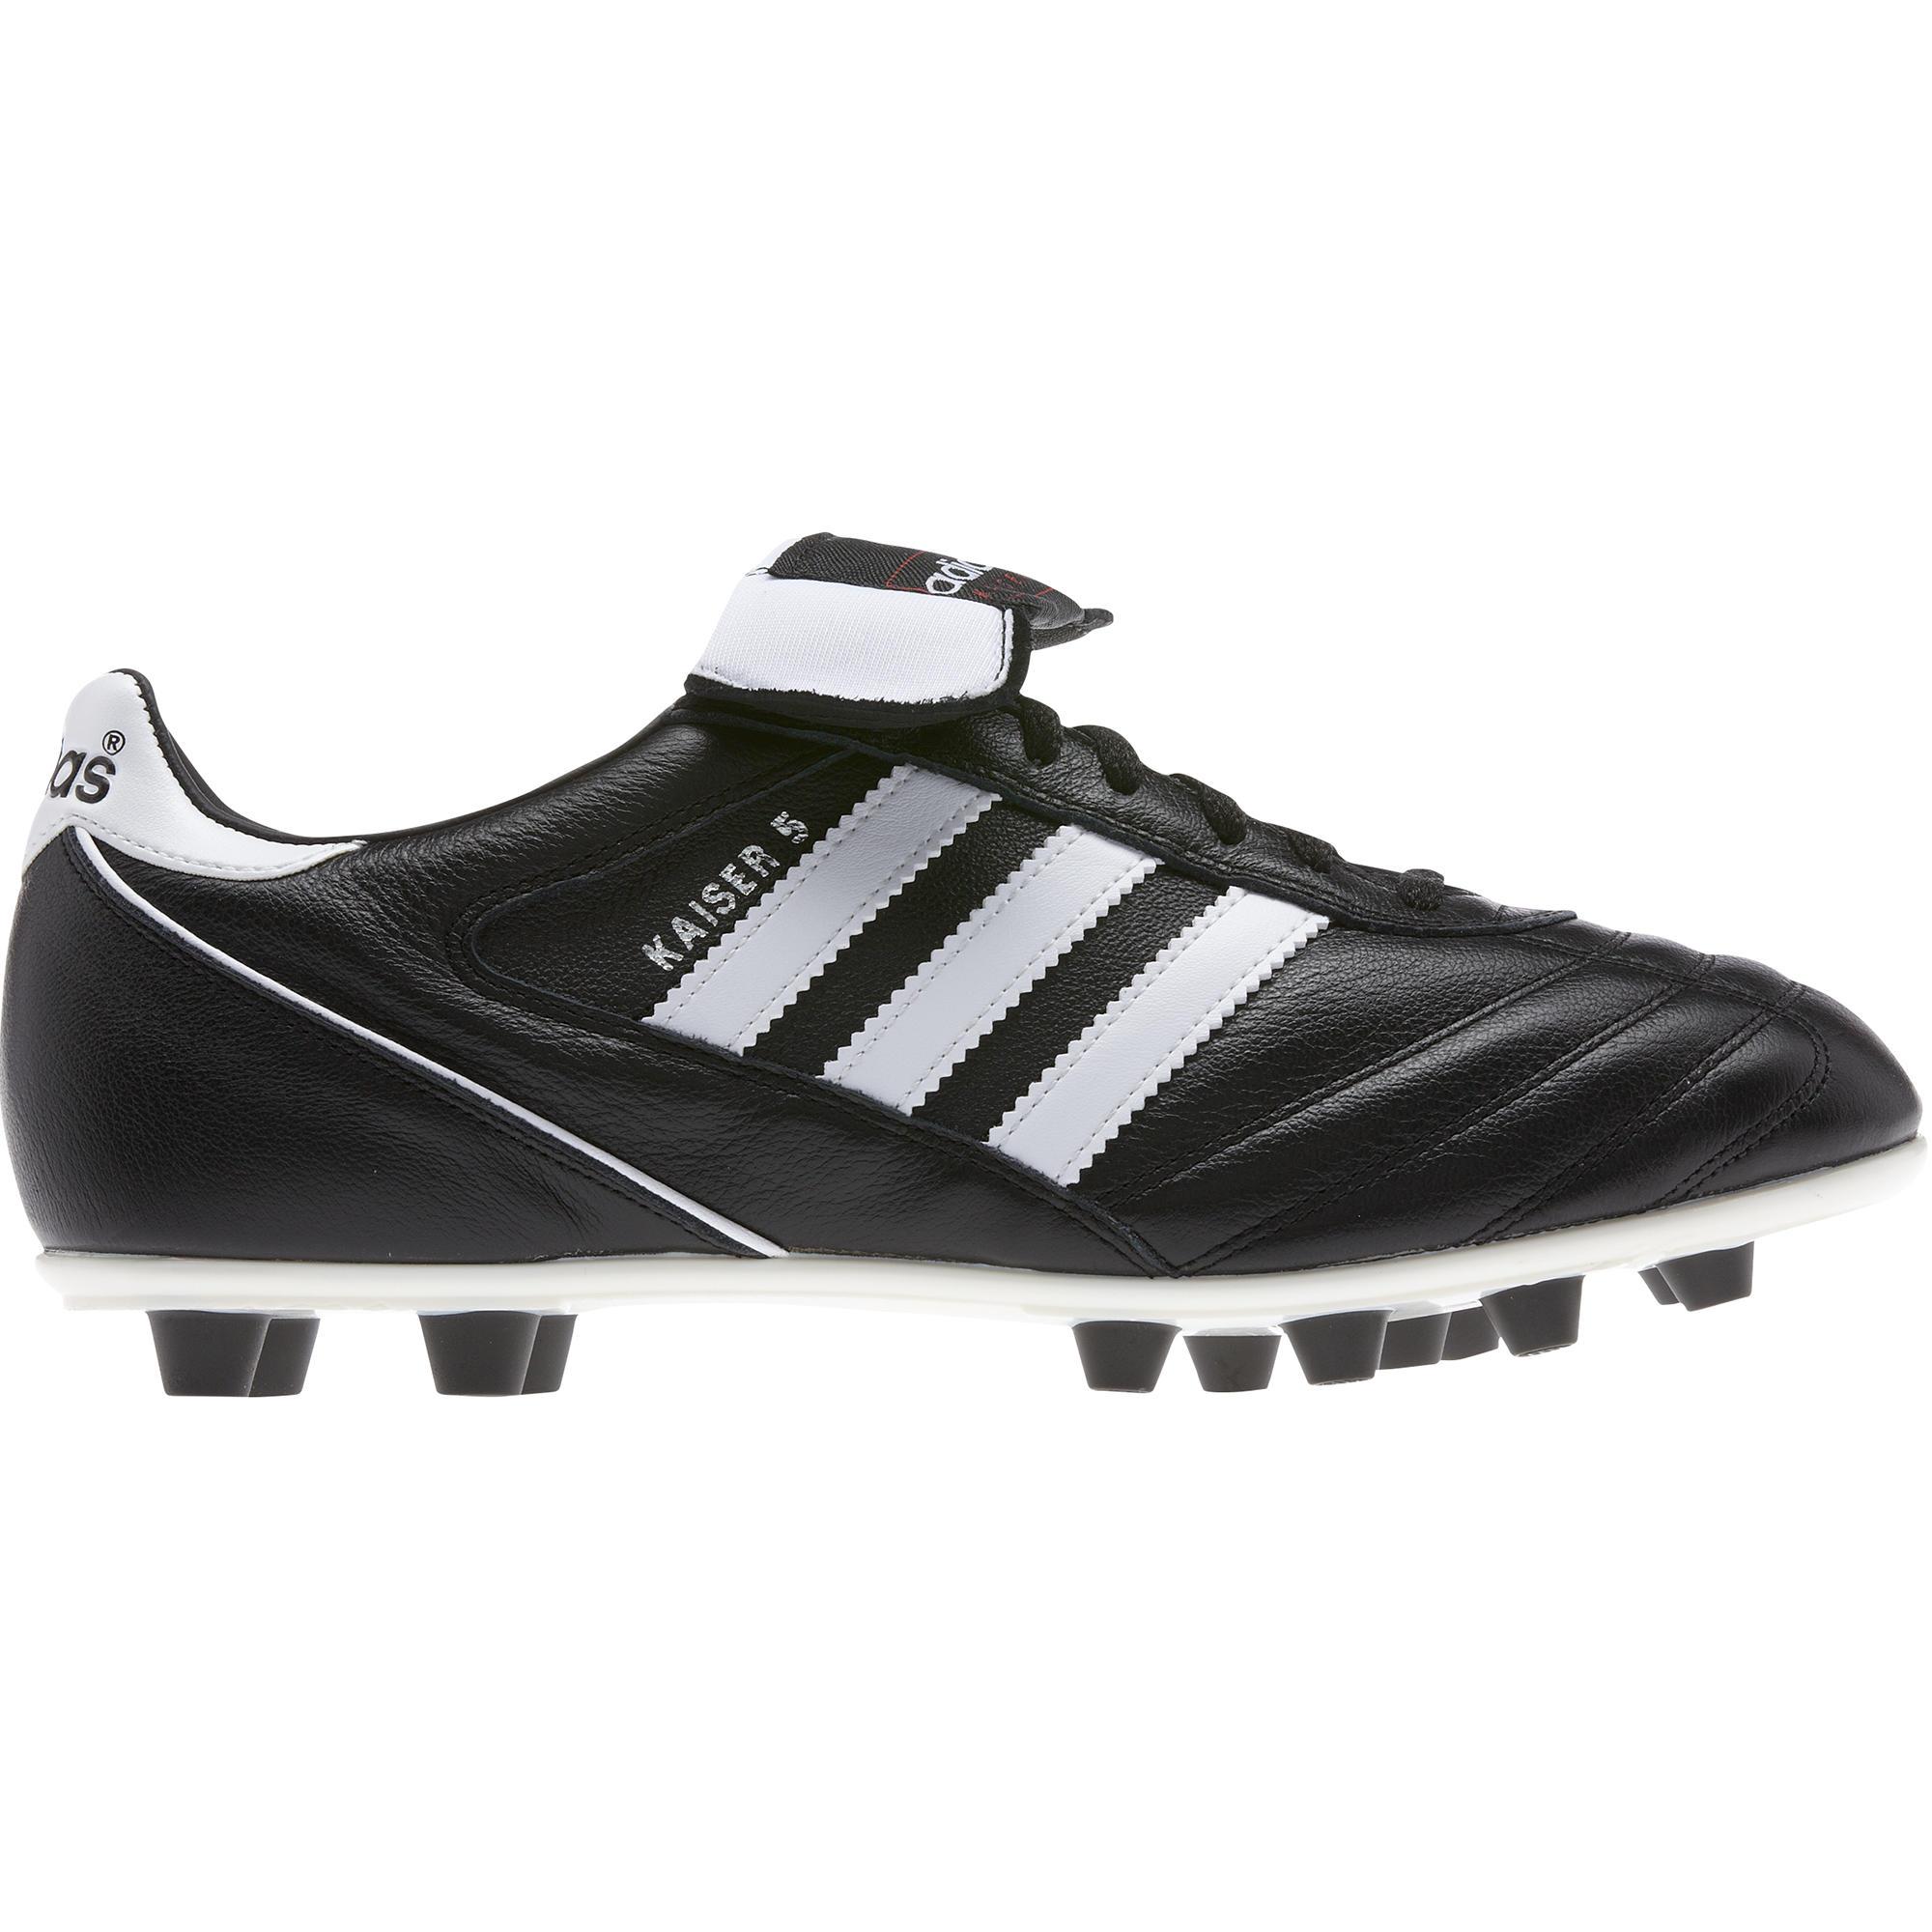 0d0527641e1b8 Botas de fútbol adulto Kaiser Liga FG negro blanco Adidas